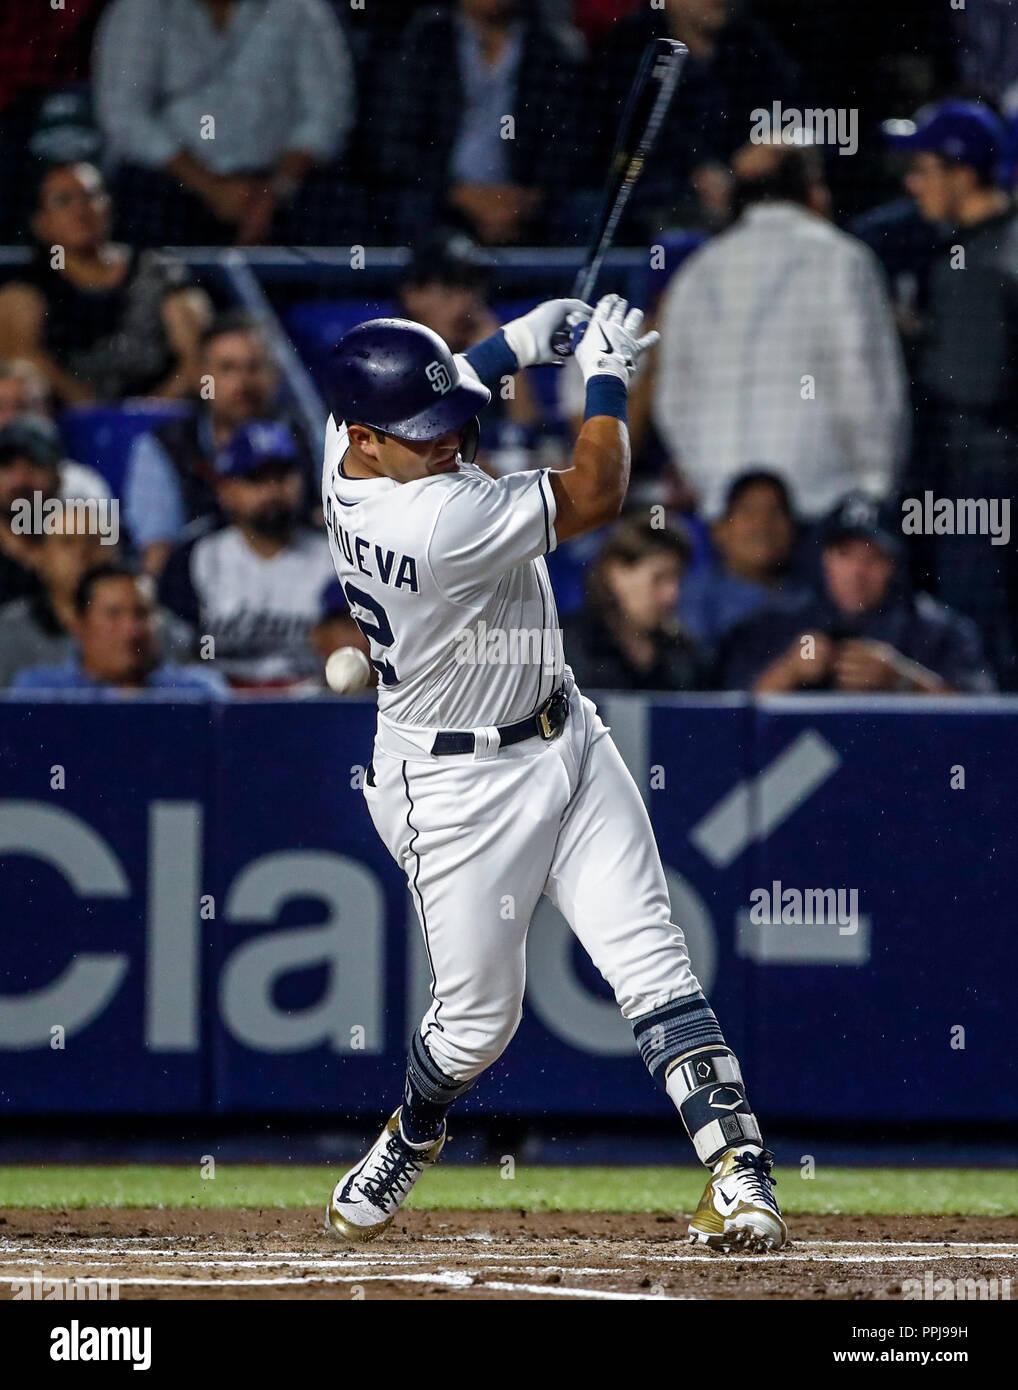 Christian Villanueva de San Diego, durante el partido de beisbol de los Dodgers de Los Angeles contra Padres de San Diego, durante el primer juego de  - Stock Image